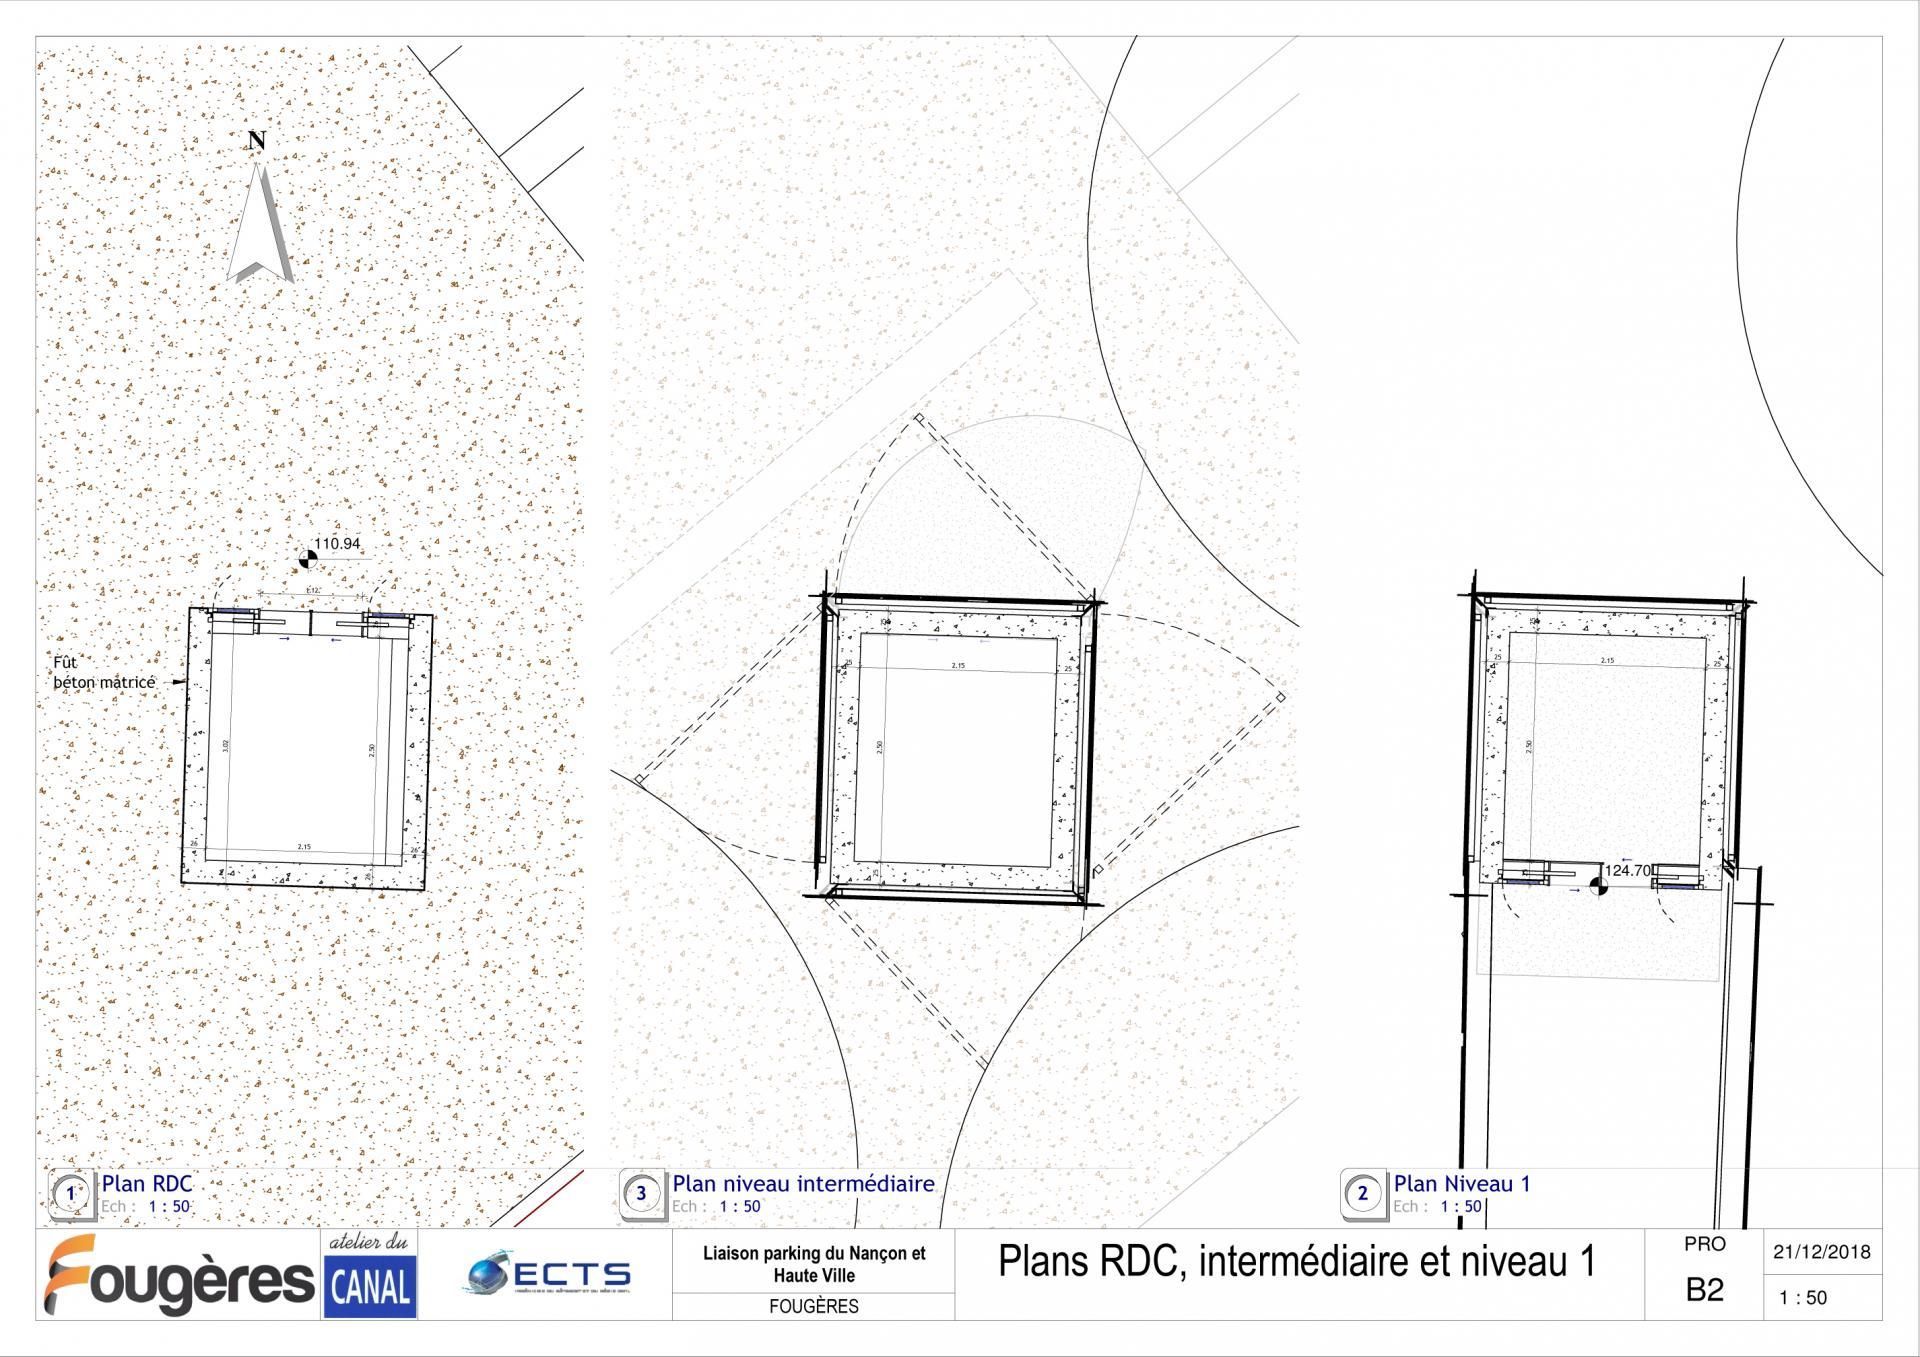 Adc fop pro b2 plans rdc intermediaire et niveau 1